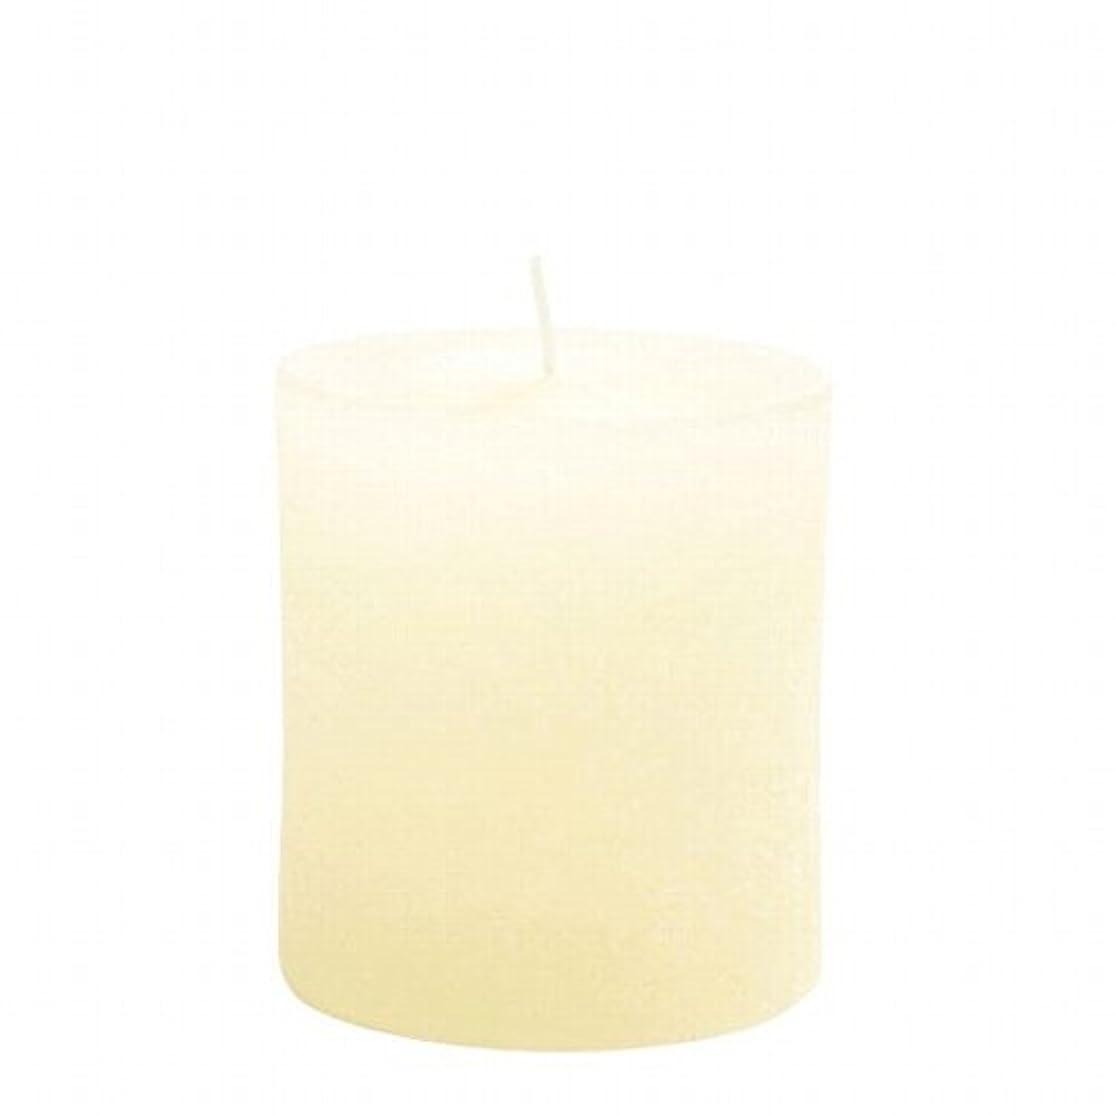 臨検尾狂気カメヤマキャンドル( kameyama candle ) ラスティクピラー70×75 「 アイボリー 」